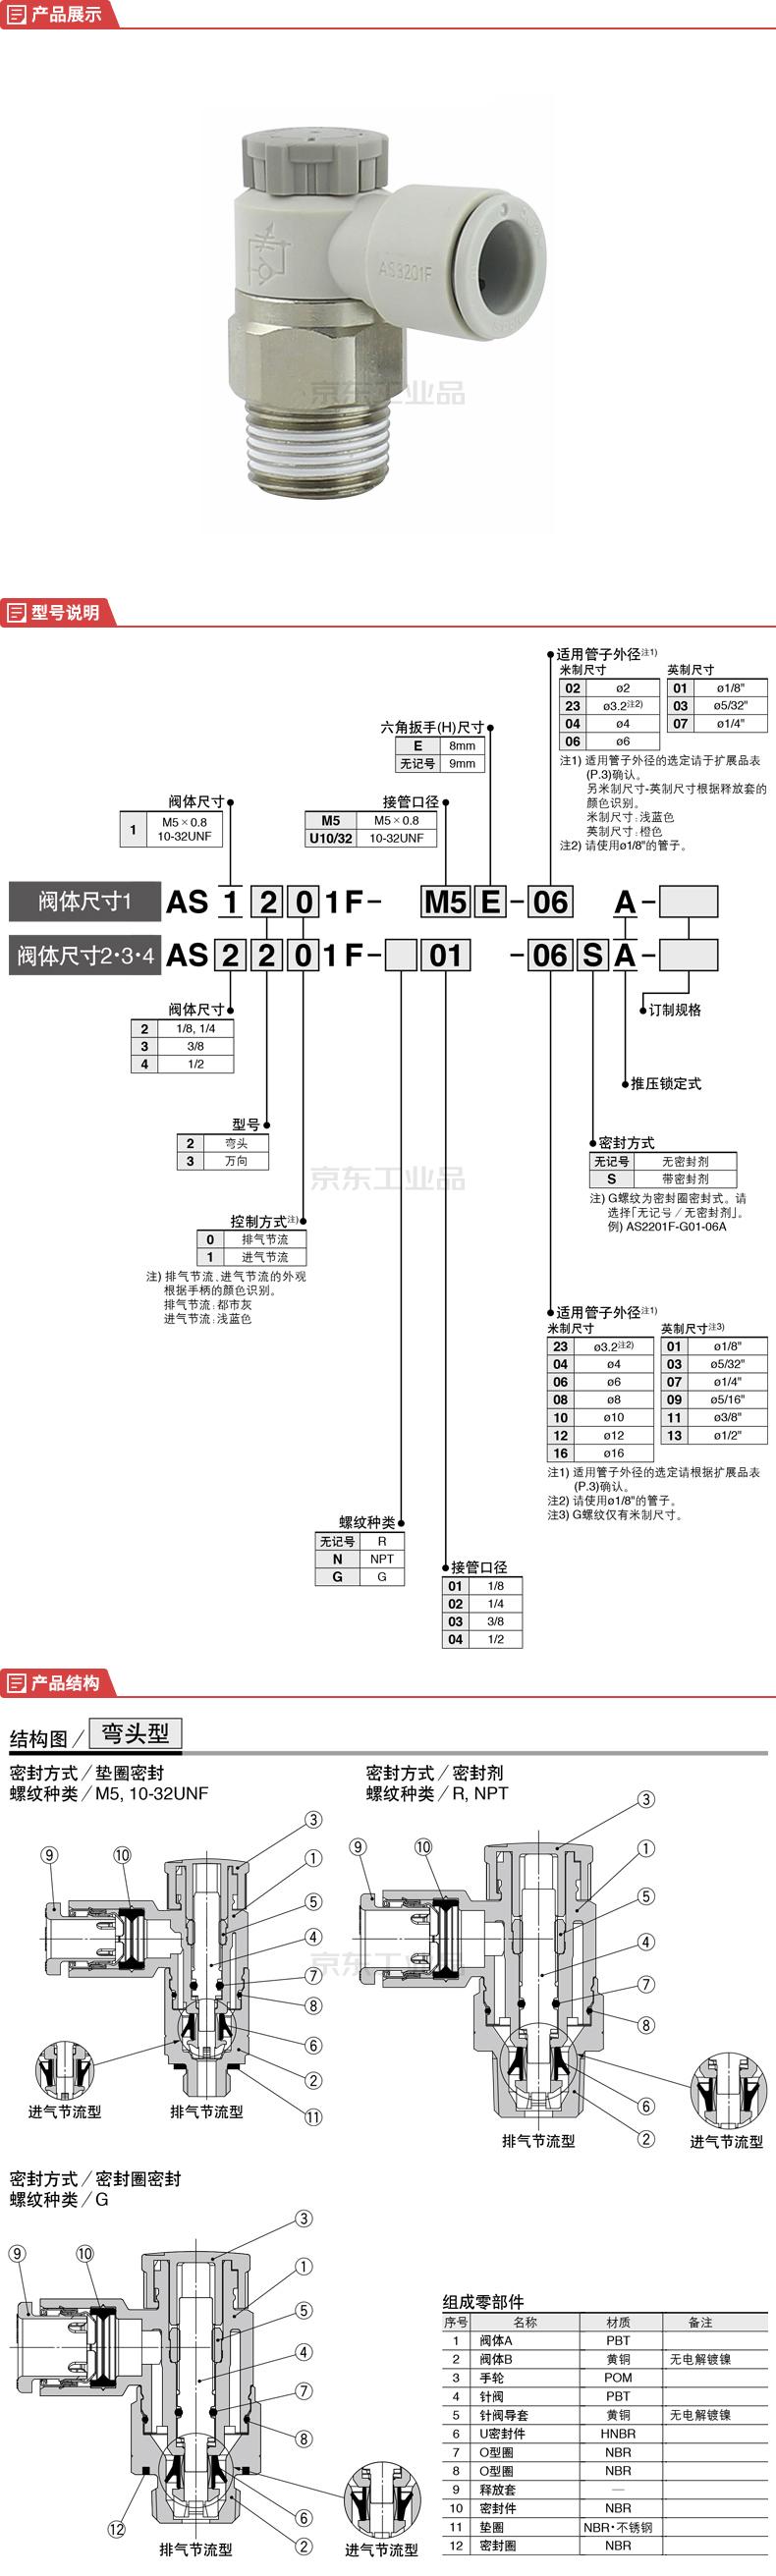 SMC 速度控制阀,弯头型;AS2201F-01-06SA